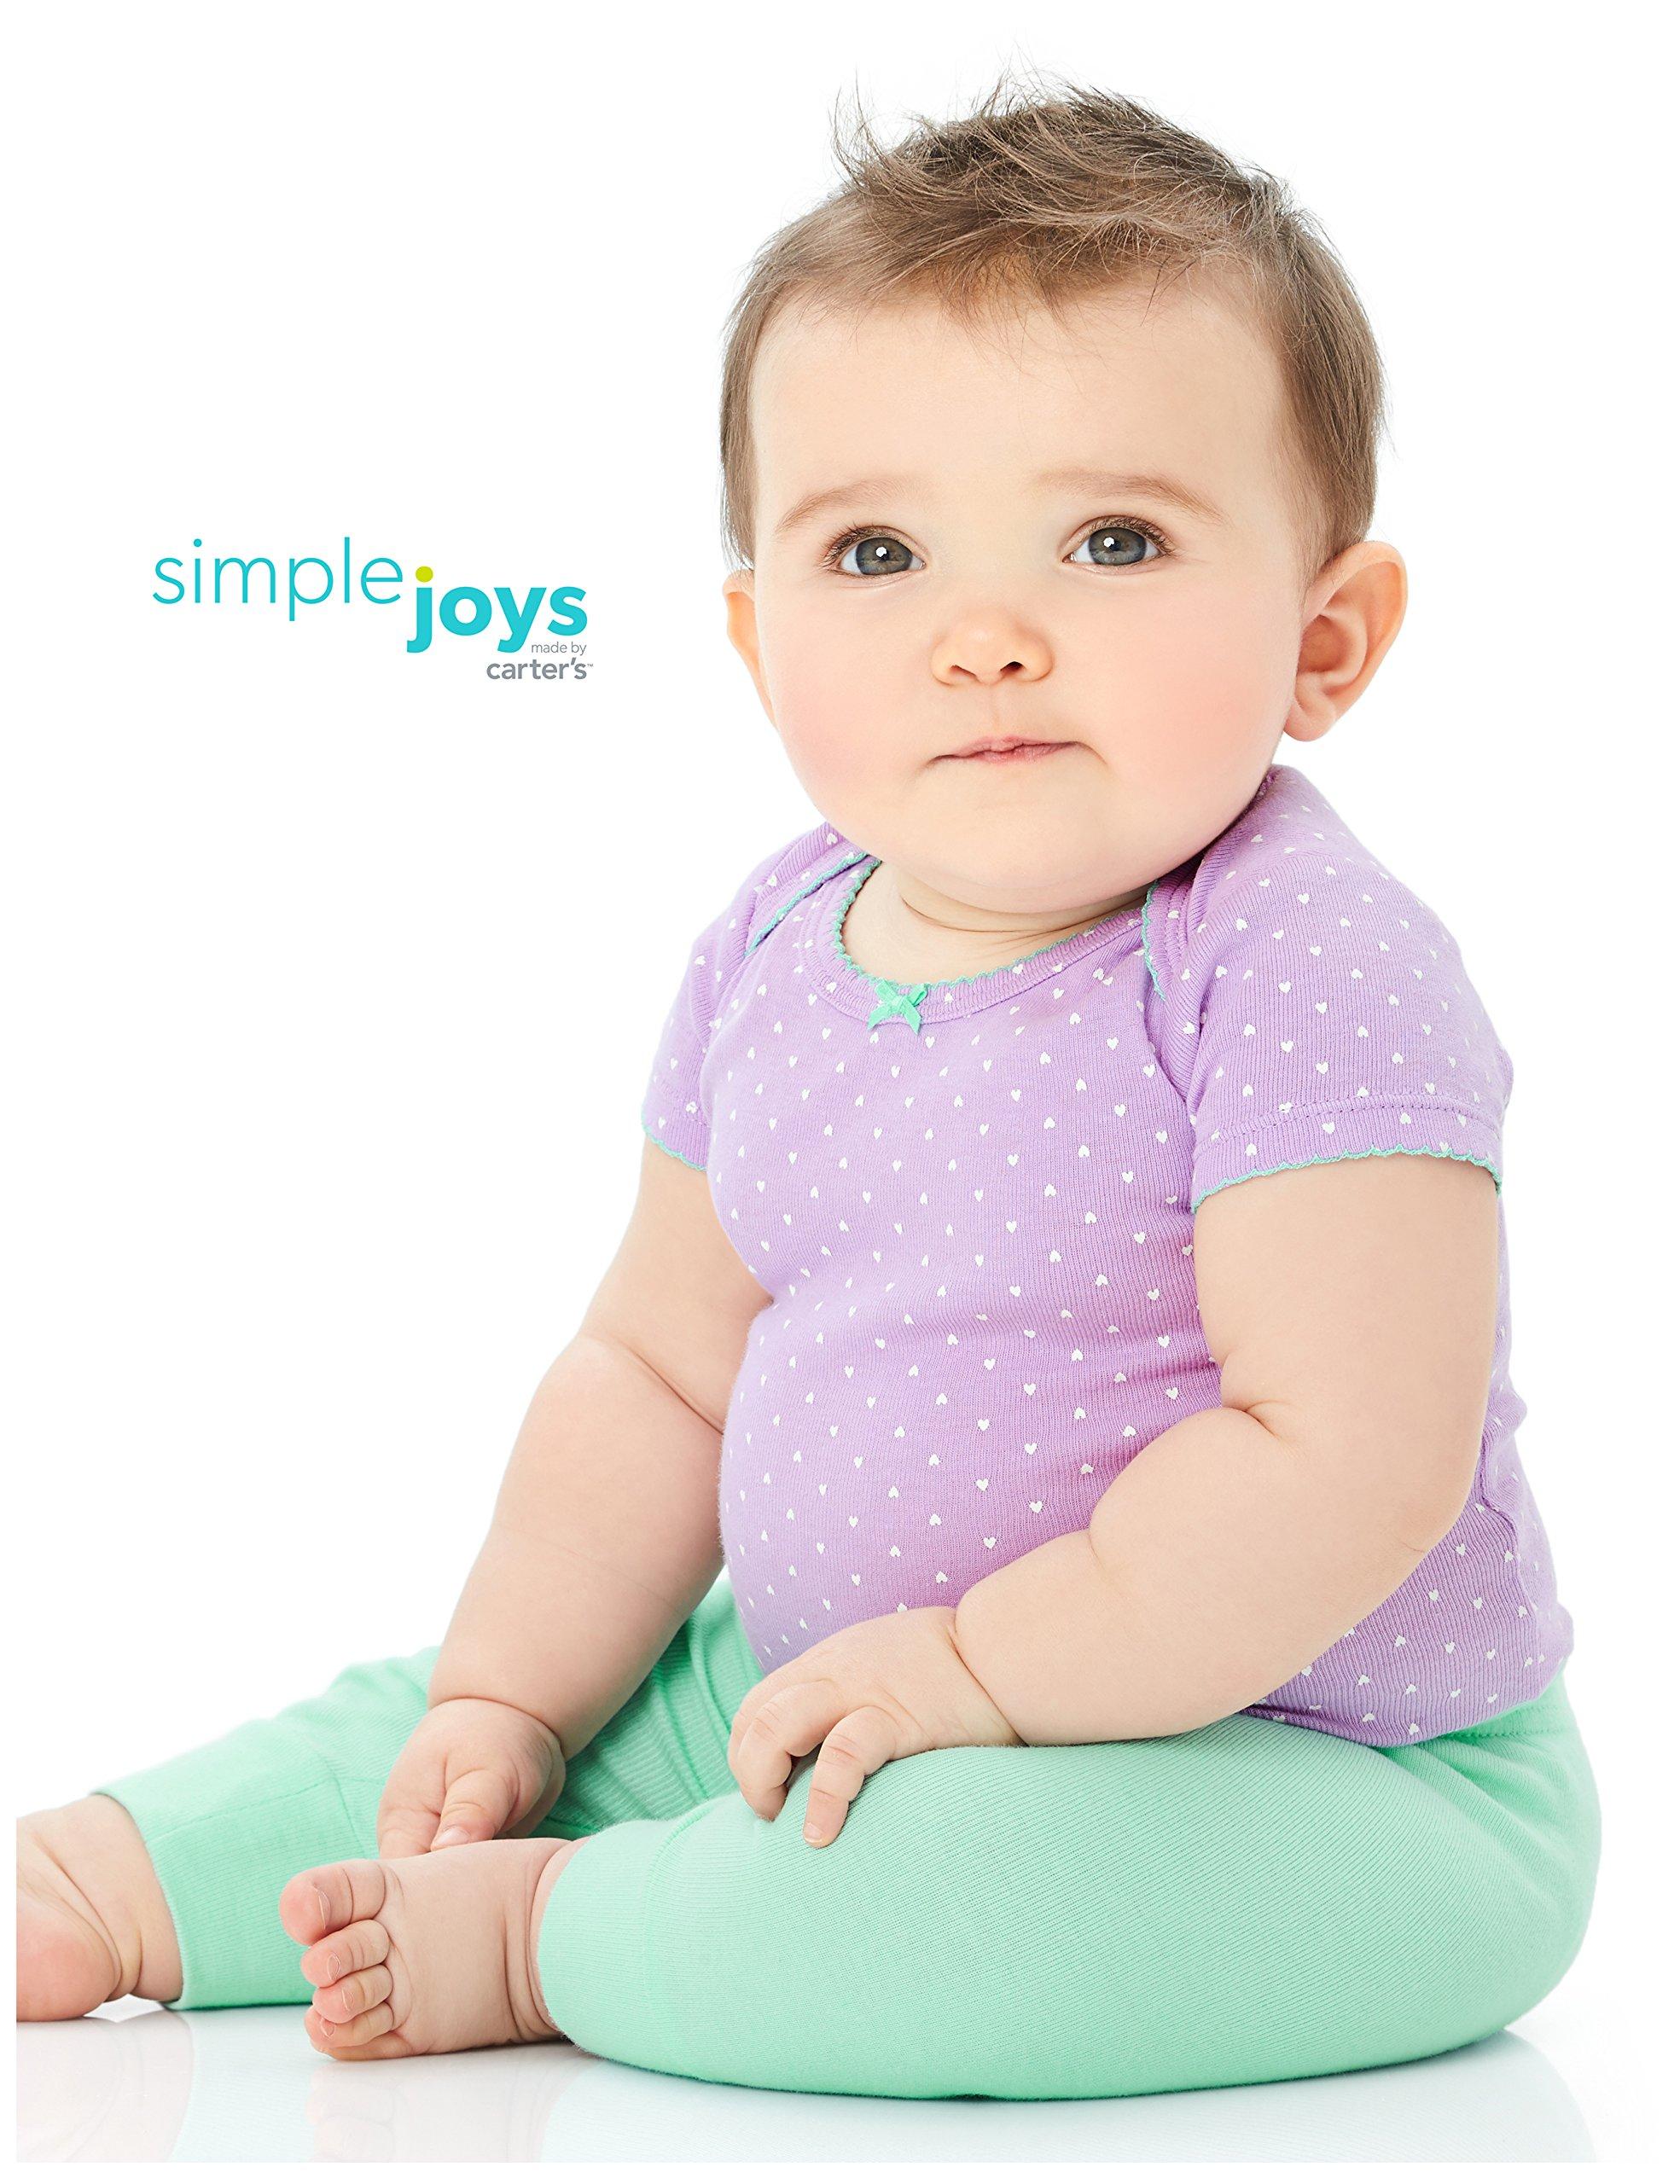 Simple Joys by Carter's pantalón para niñas pequeñas, paquete de 4 4